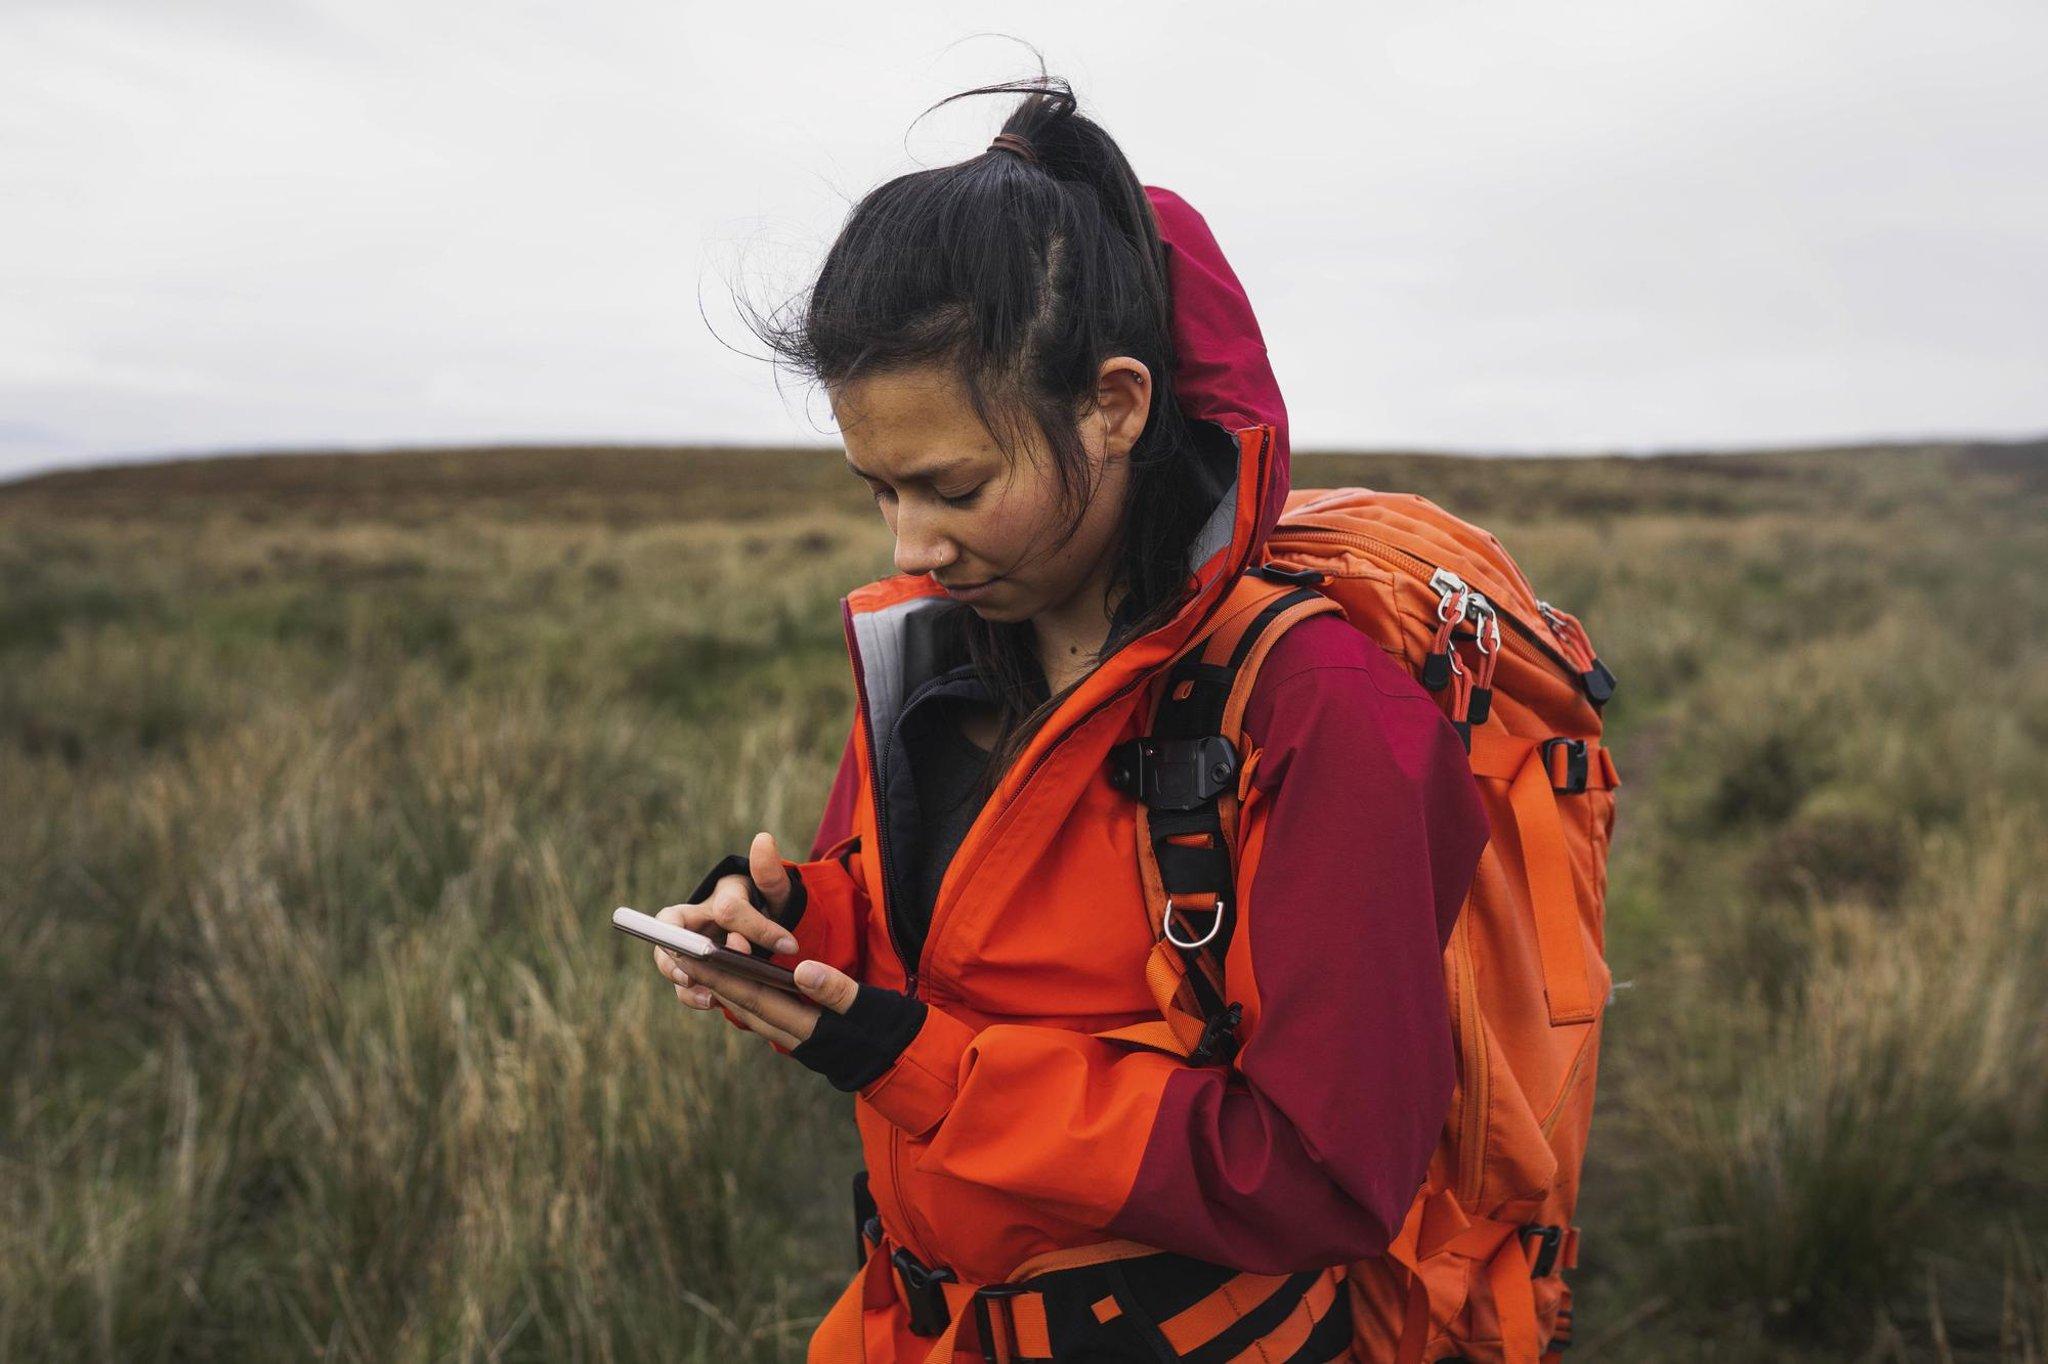 Prospek cerah untuk sektor 'traveltech' Skotlandia karena investasi bertahan selama pandemi